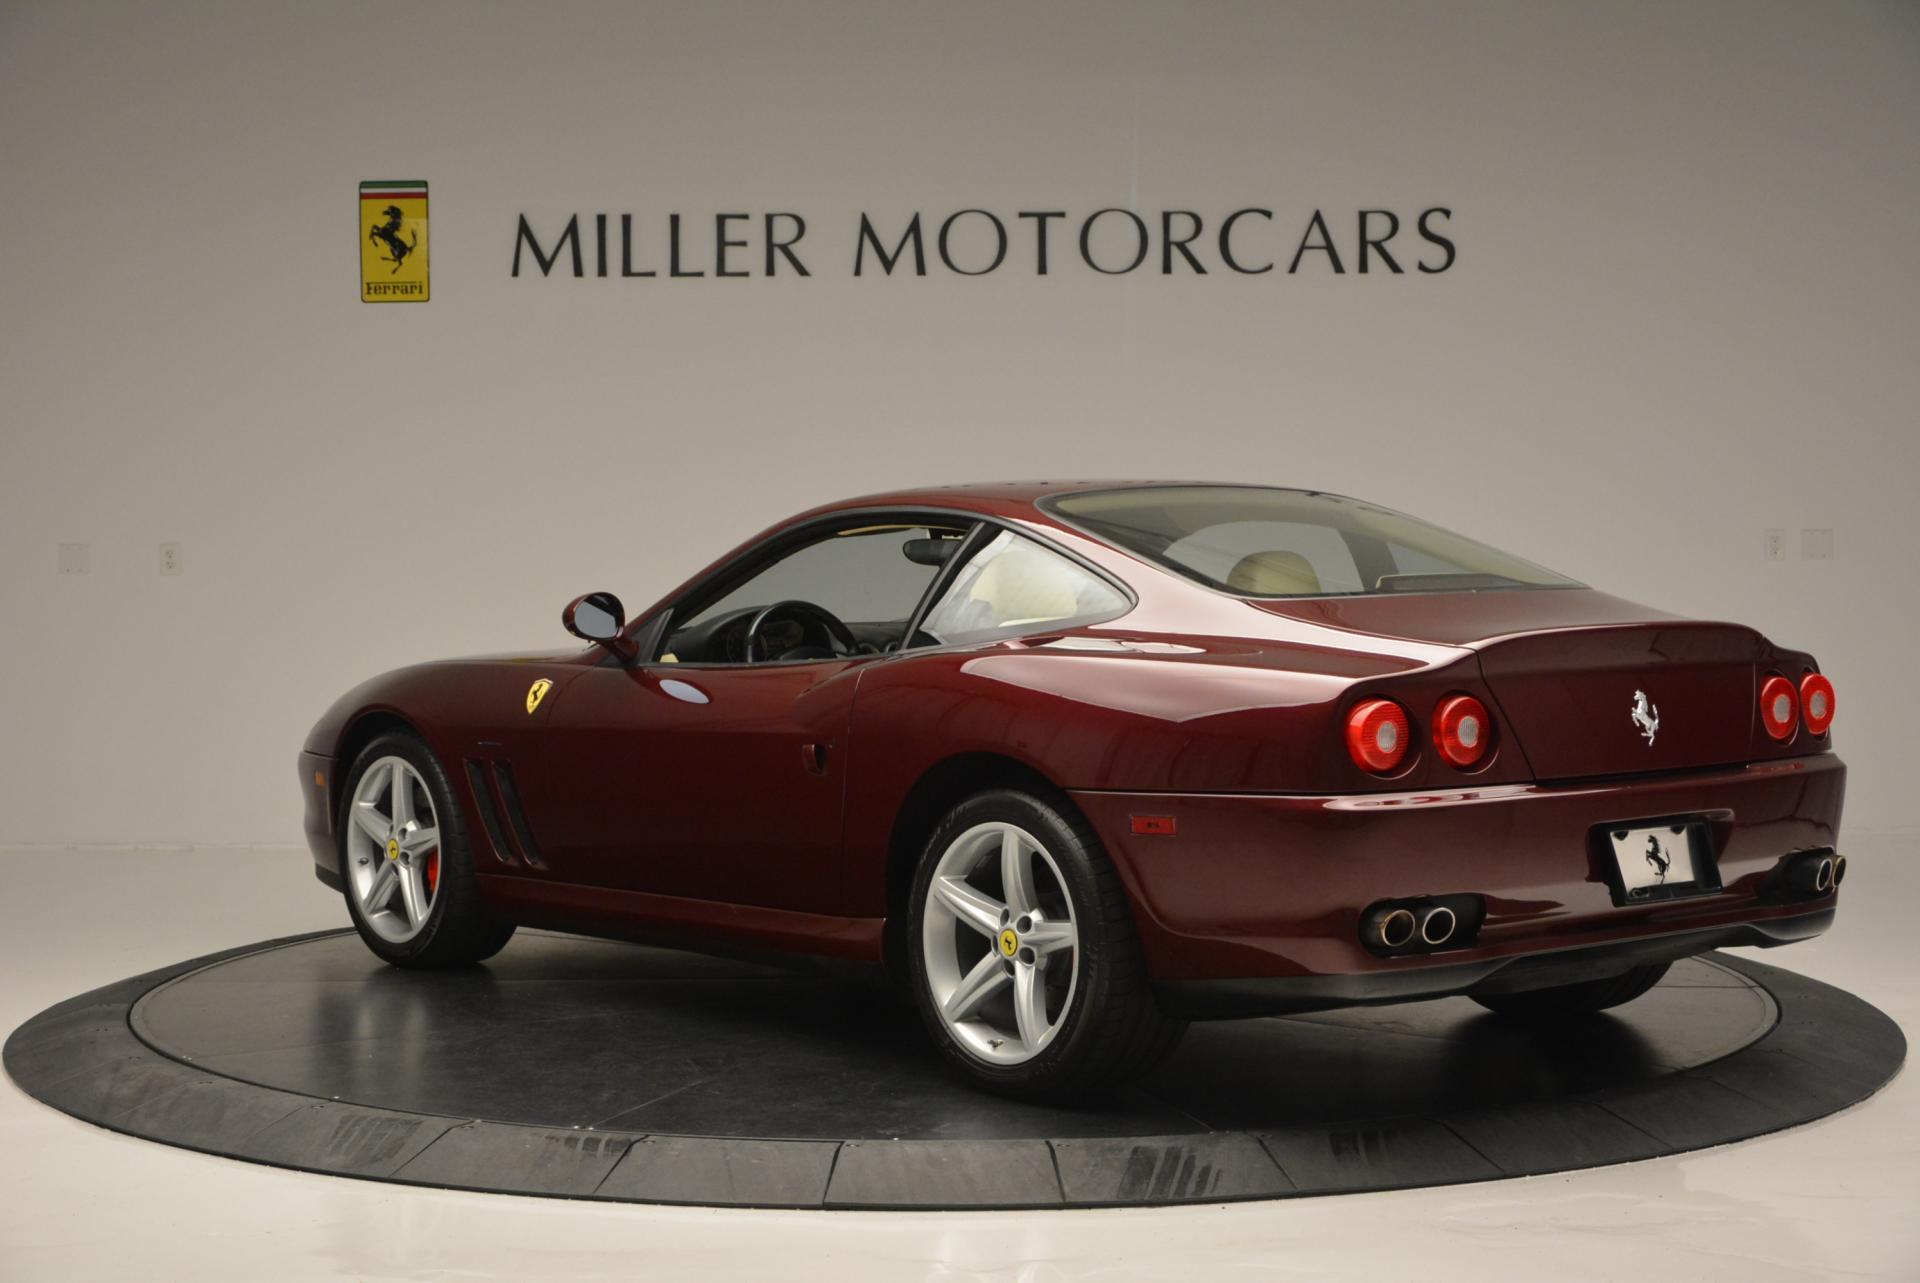 Used 2003 Ferrari 575M Maranello 6-Speed Manual For Sale In Greenwich, CT 143_p5